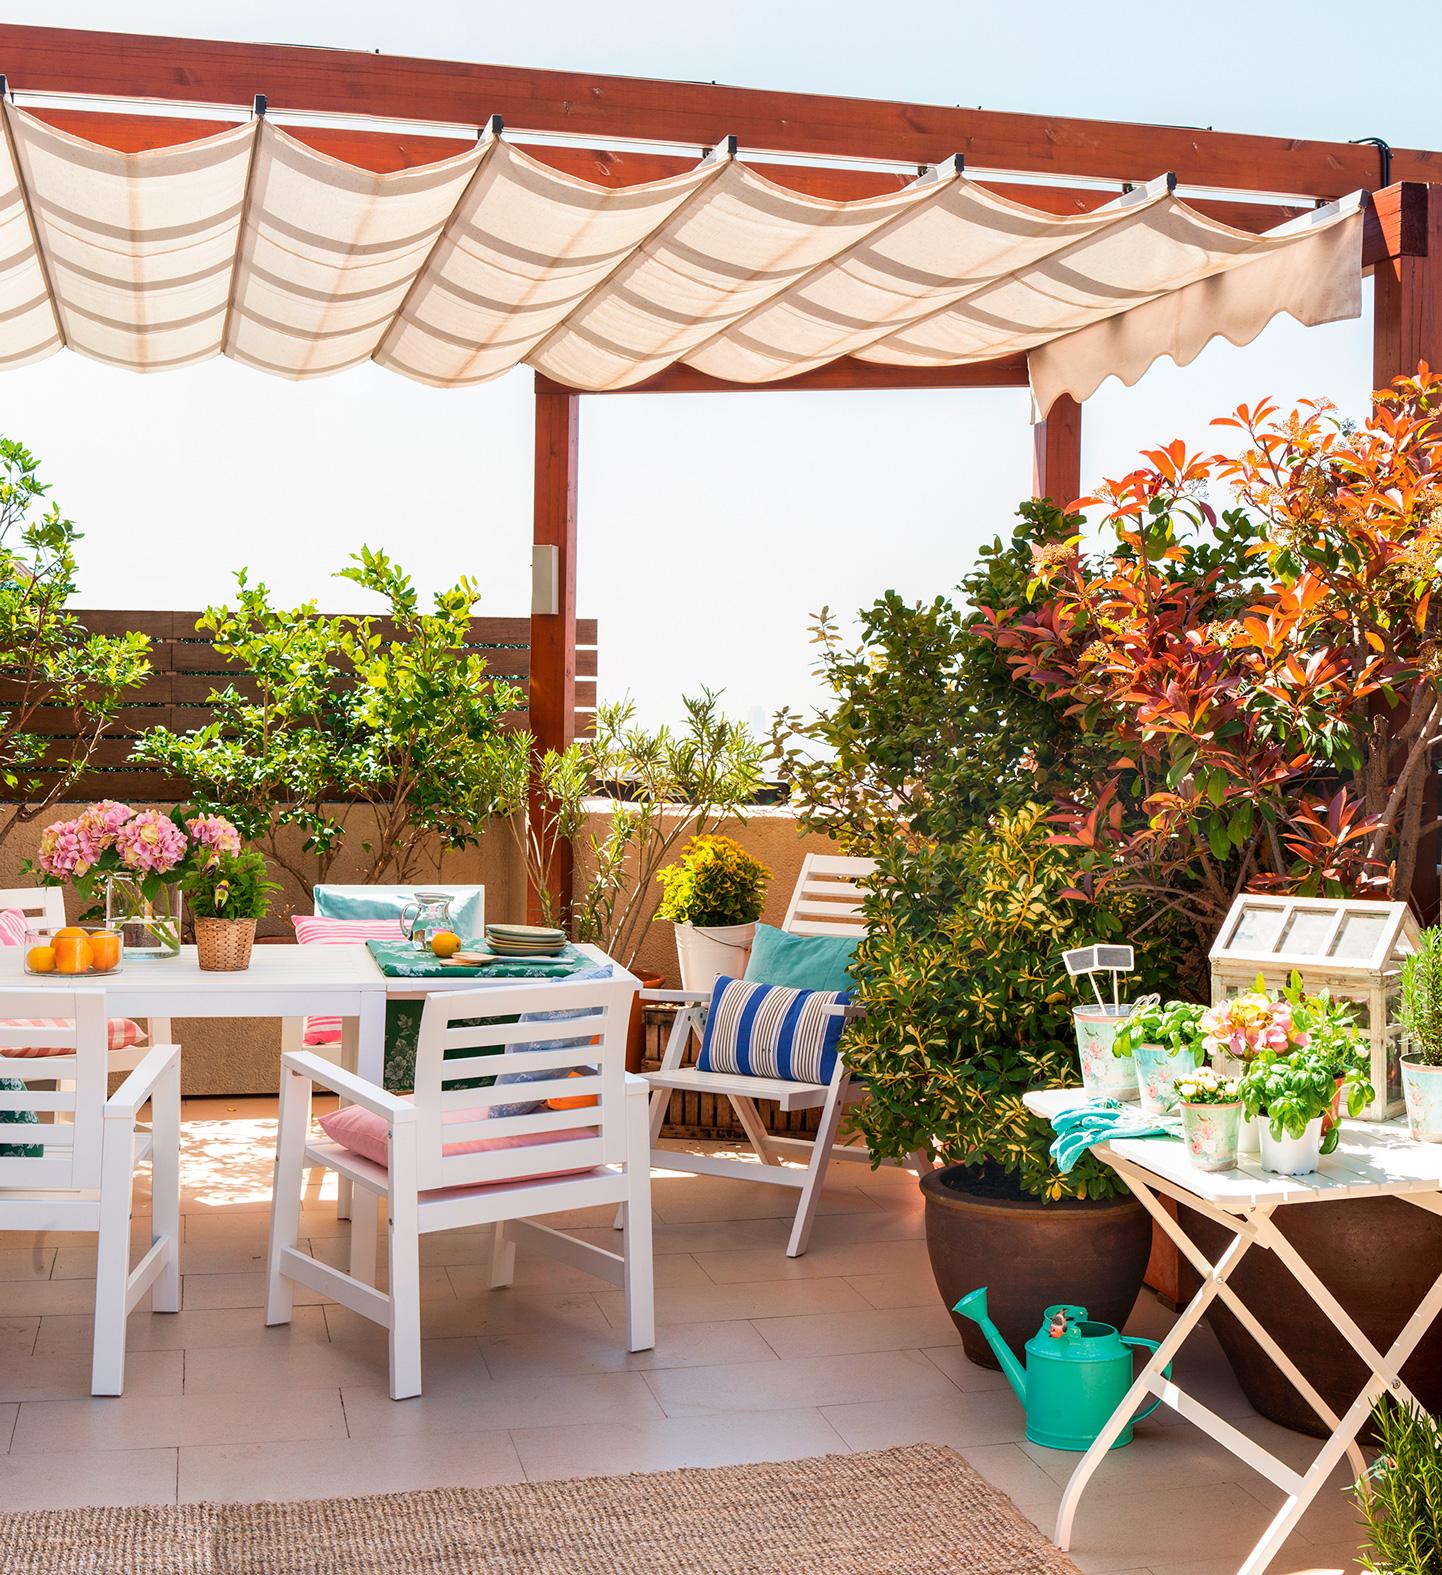 Terrazas low cost alegres y coloridas for Terraza de arte y decoracion